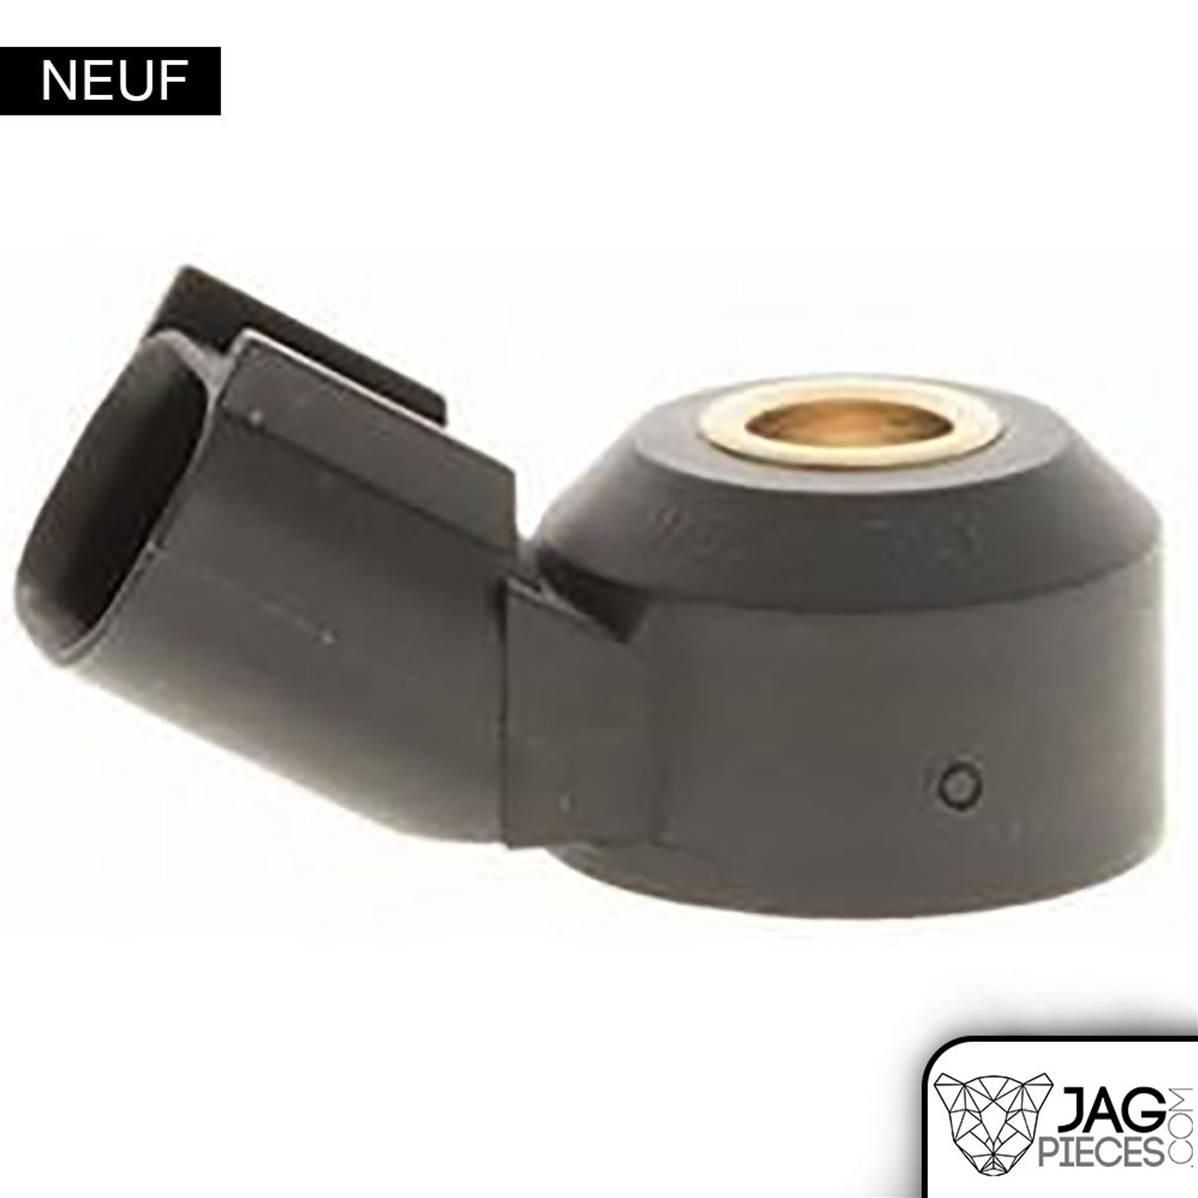 capteur de cliquetis r f rence jd61212 de jaguar x type 2001 2009 4 cyl diesel. Black Bedroom Furniture Sets. Home Design Ideas